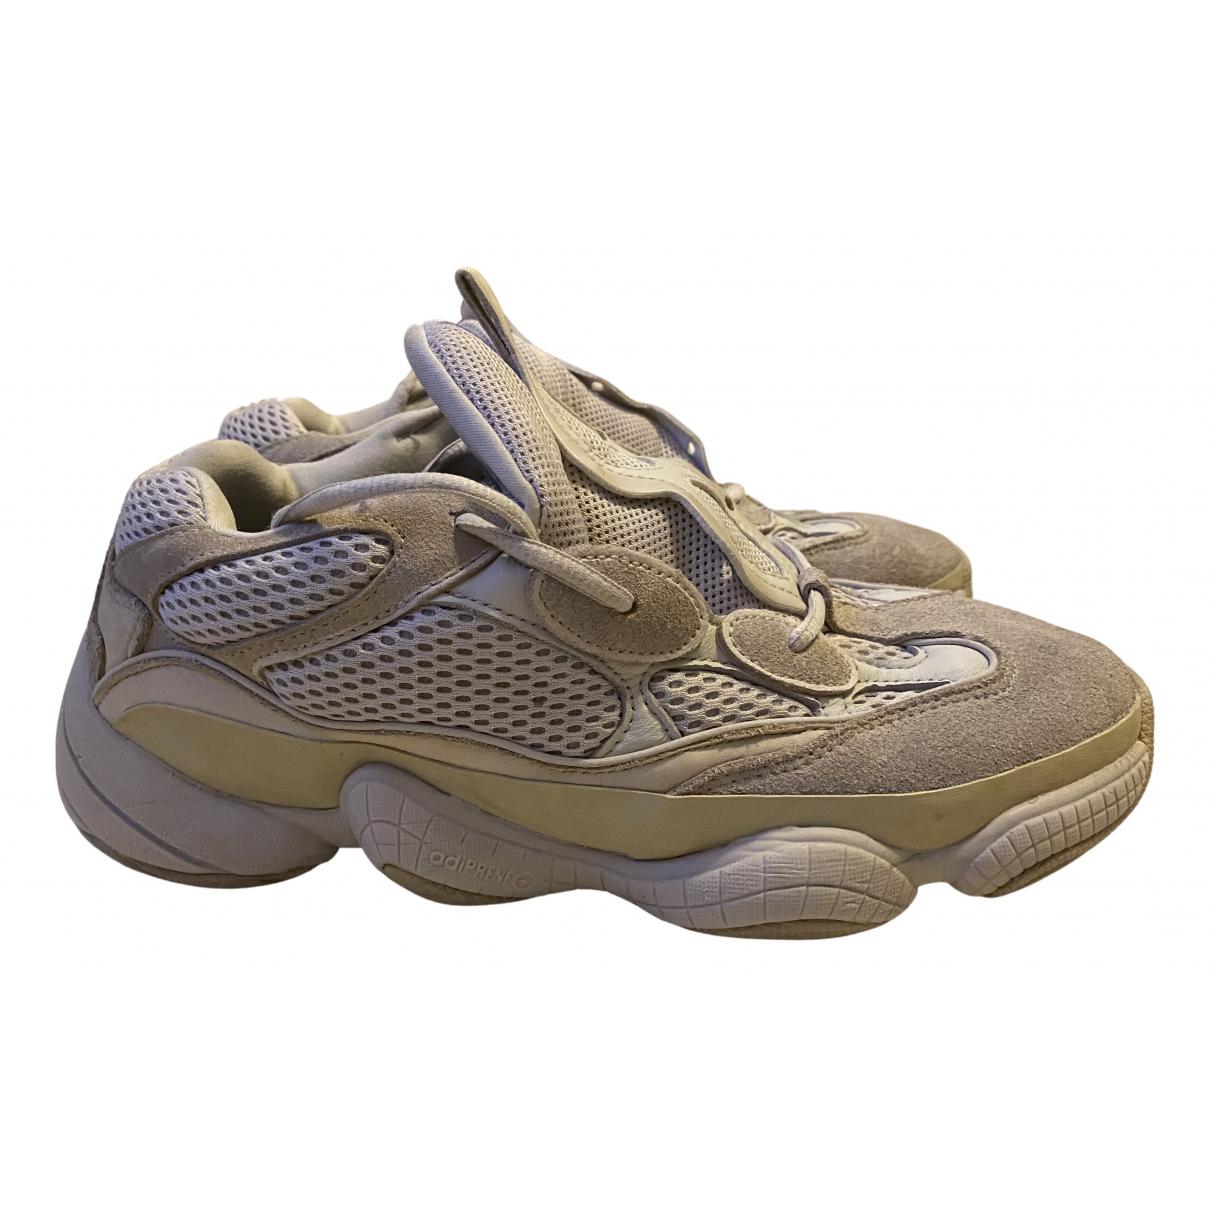 Yeezy X Adidas - Baskets 500 pour homme en suede - beige / gris